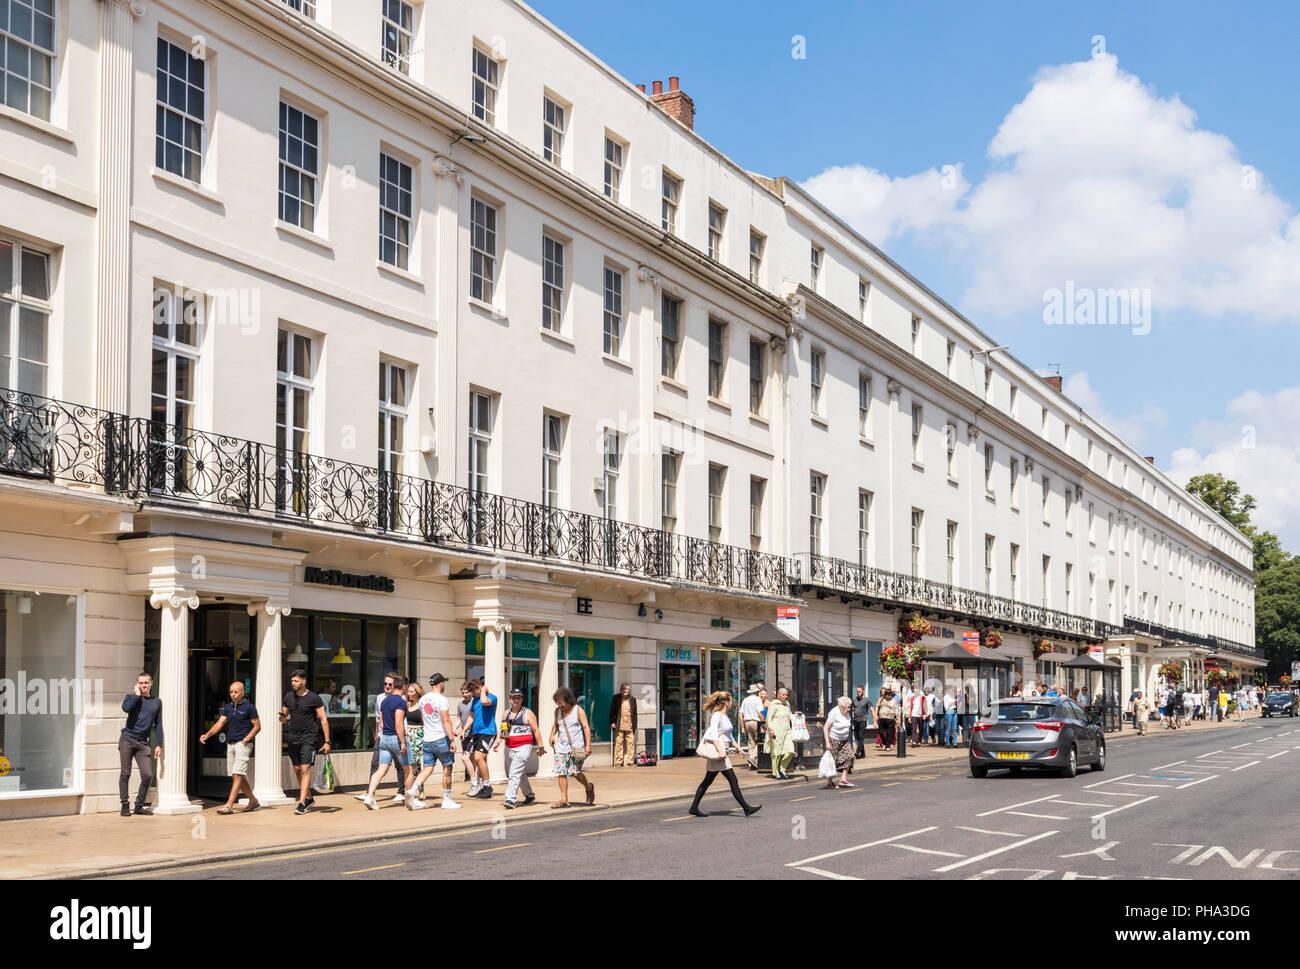 En Leamington Spa Royal Leamington Spa del centro de la ciudad tiendas y gente de compras en el desfile Leamington Spa, Warwickshire Inglaterra gb regency período Imagen De Stock